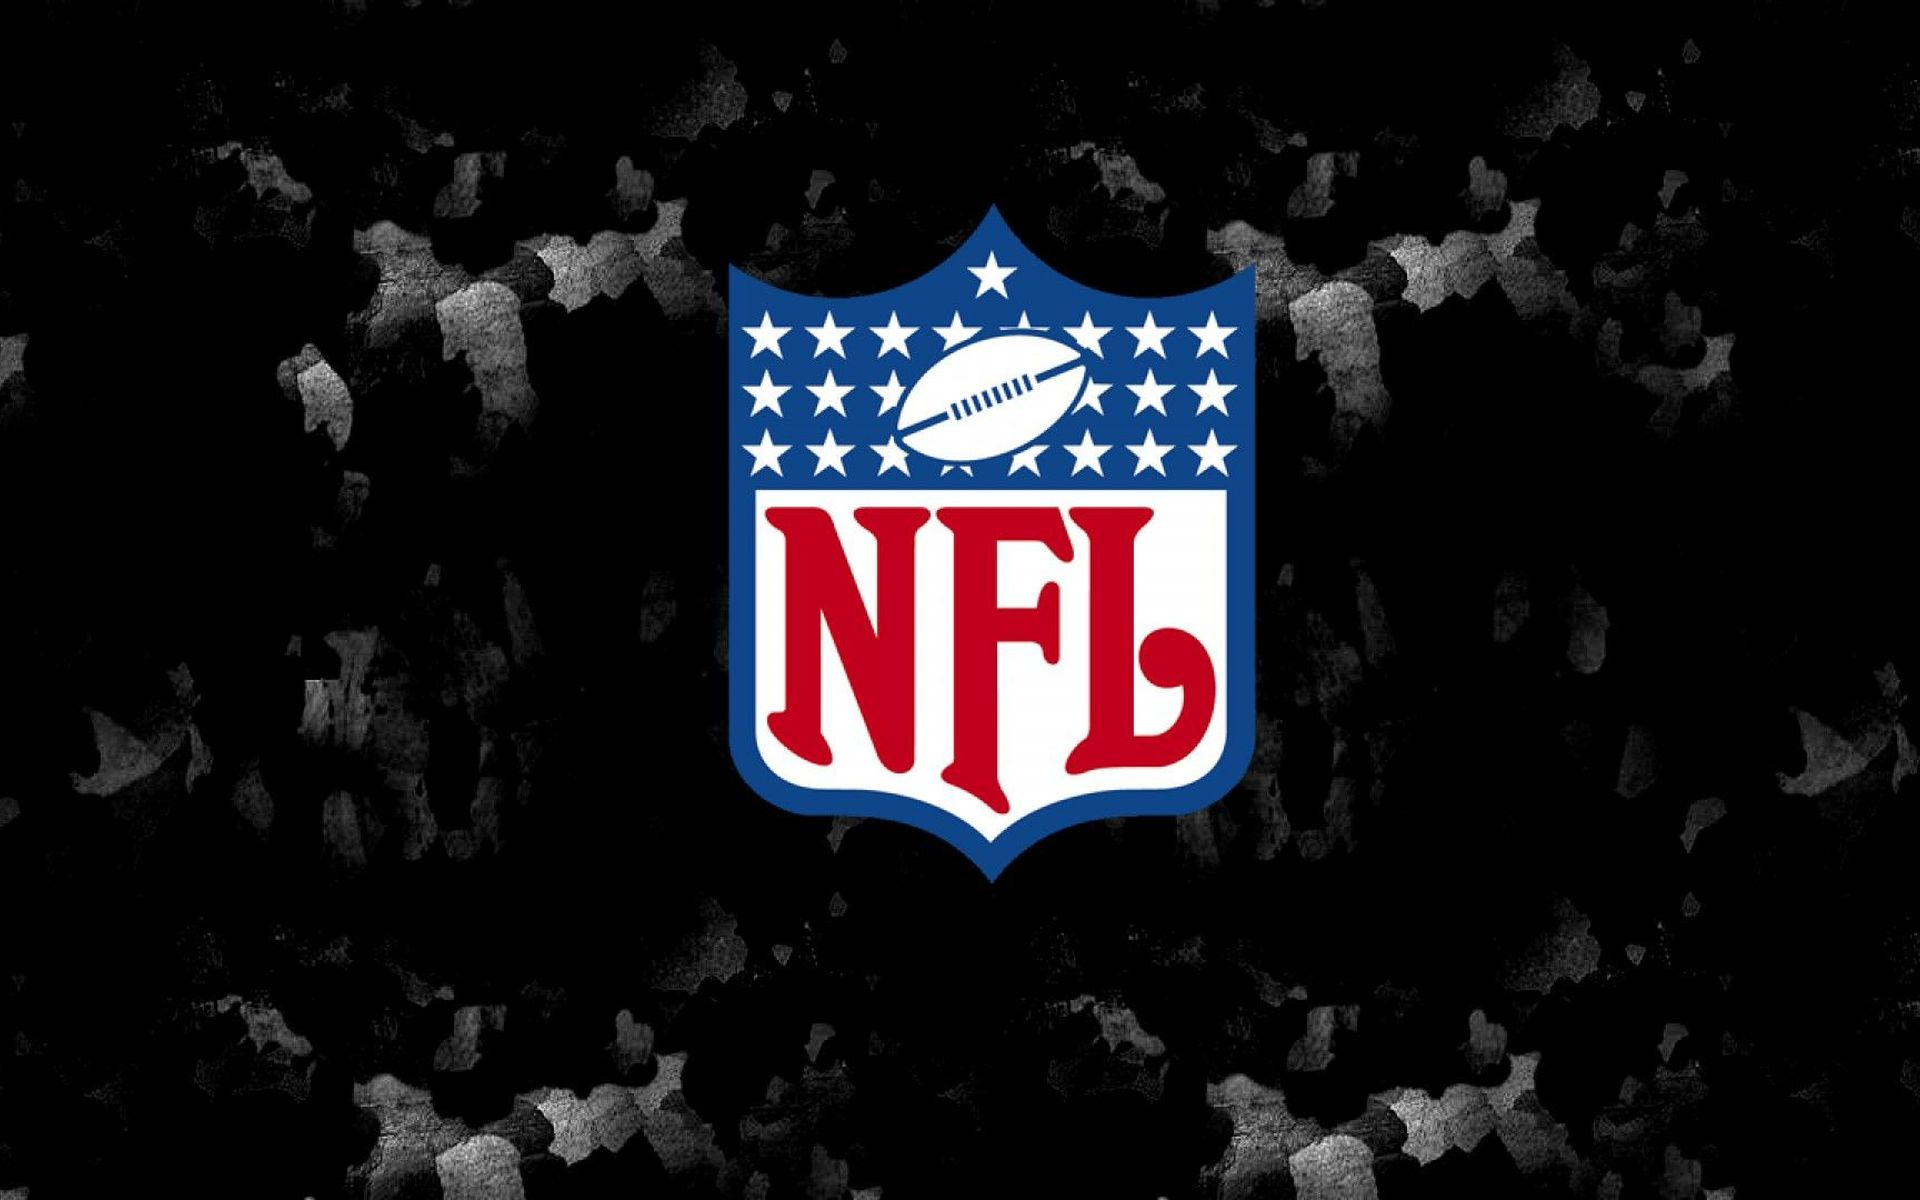 New York Jets NFL Wallpaper – Inspiring Picture design For Football Season